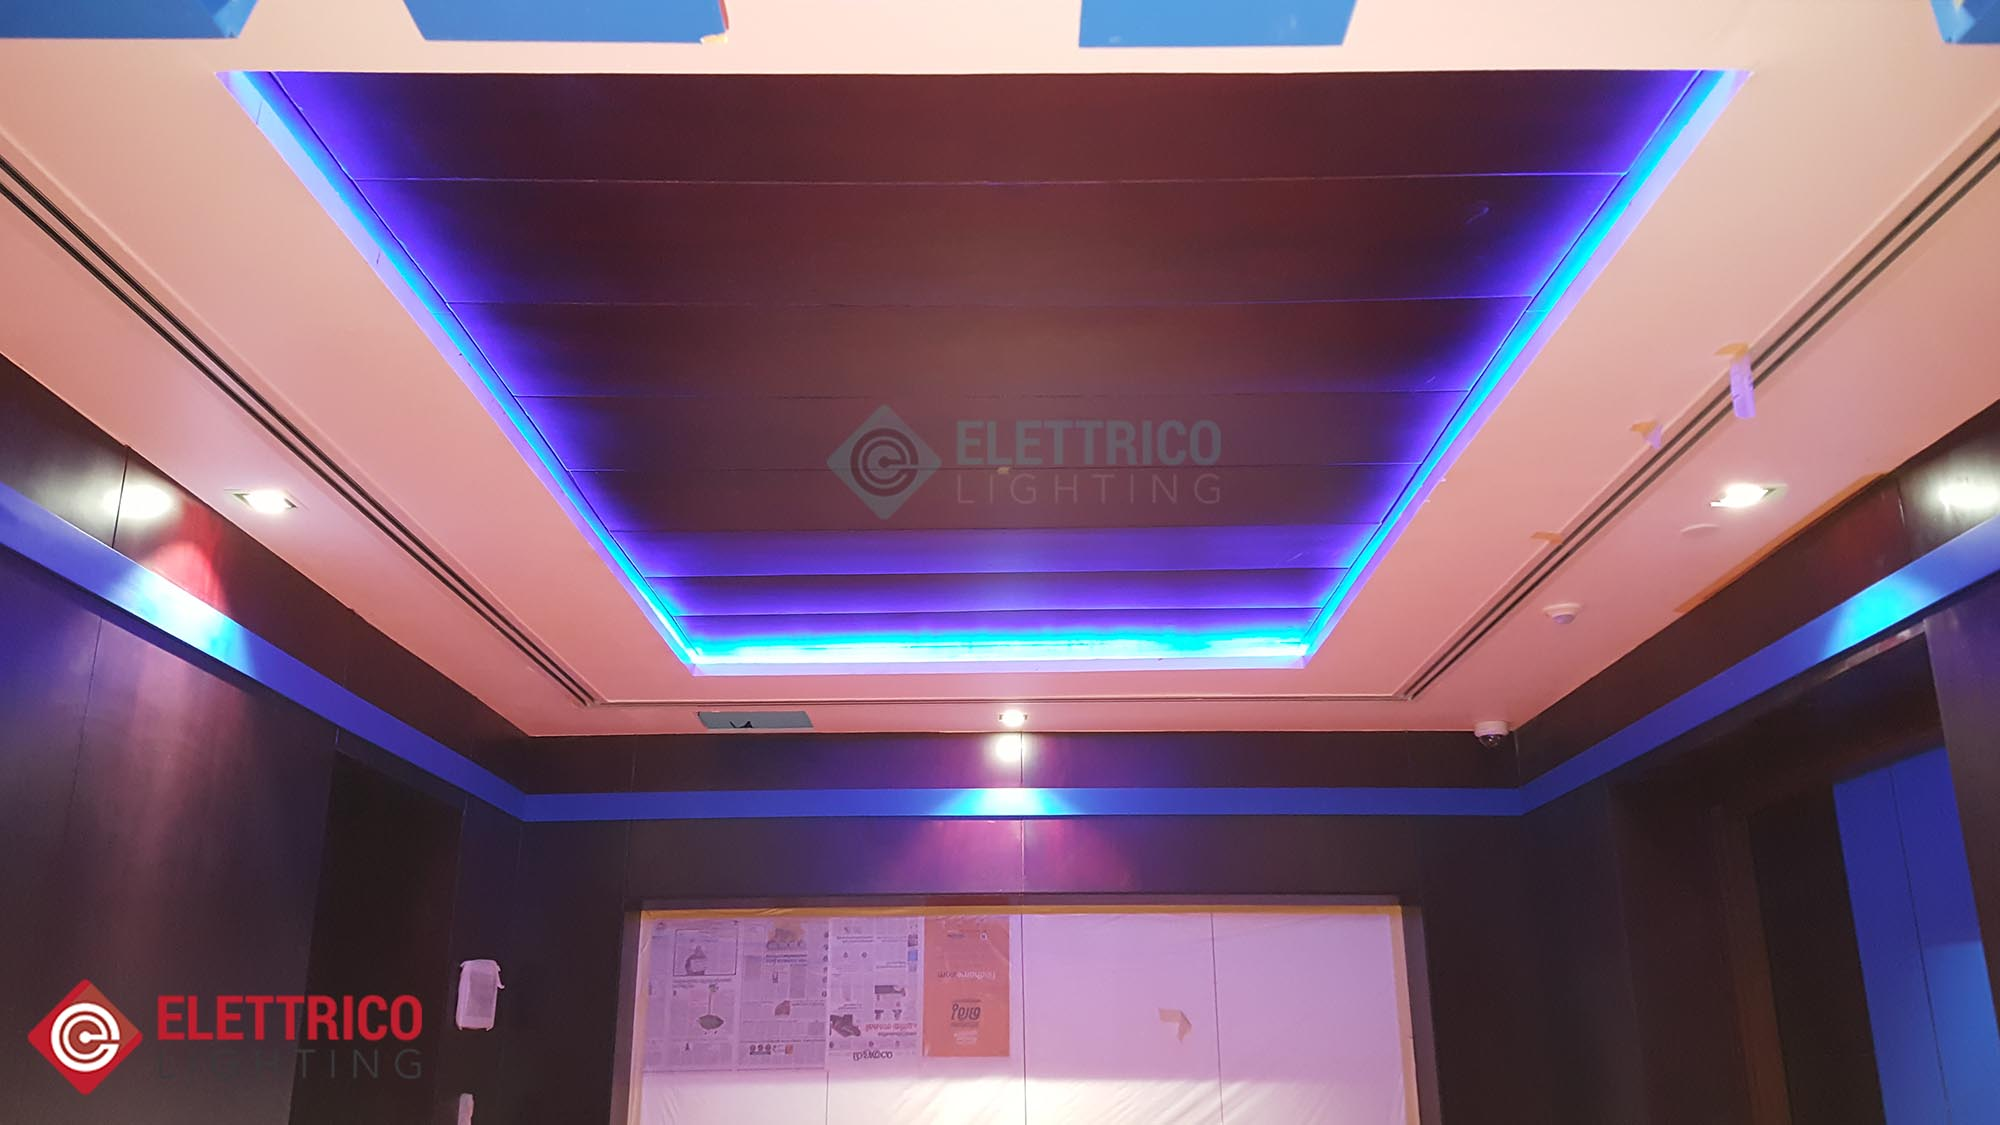 LED blue ceiling lighting strips